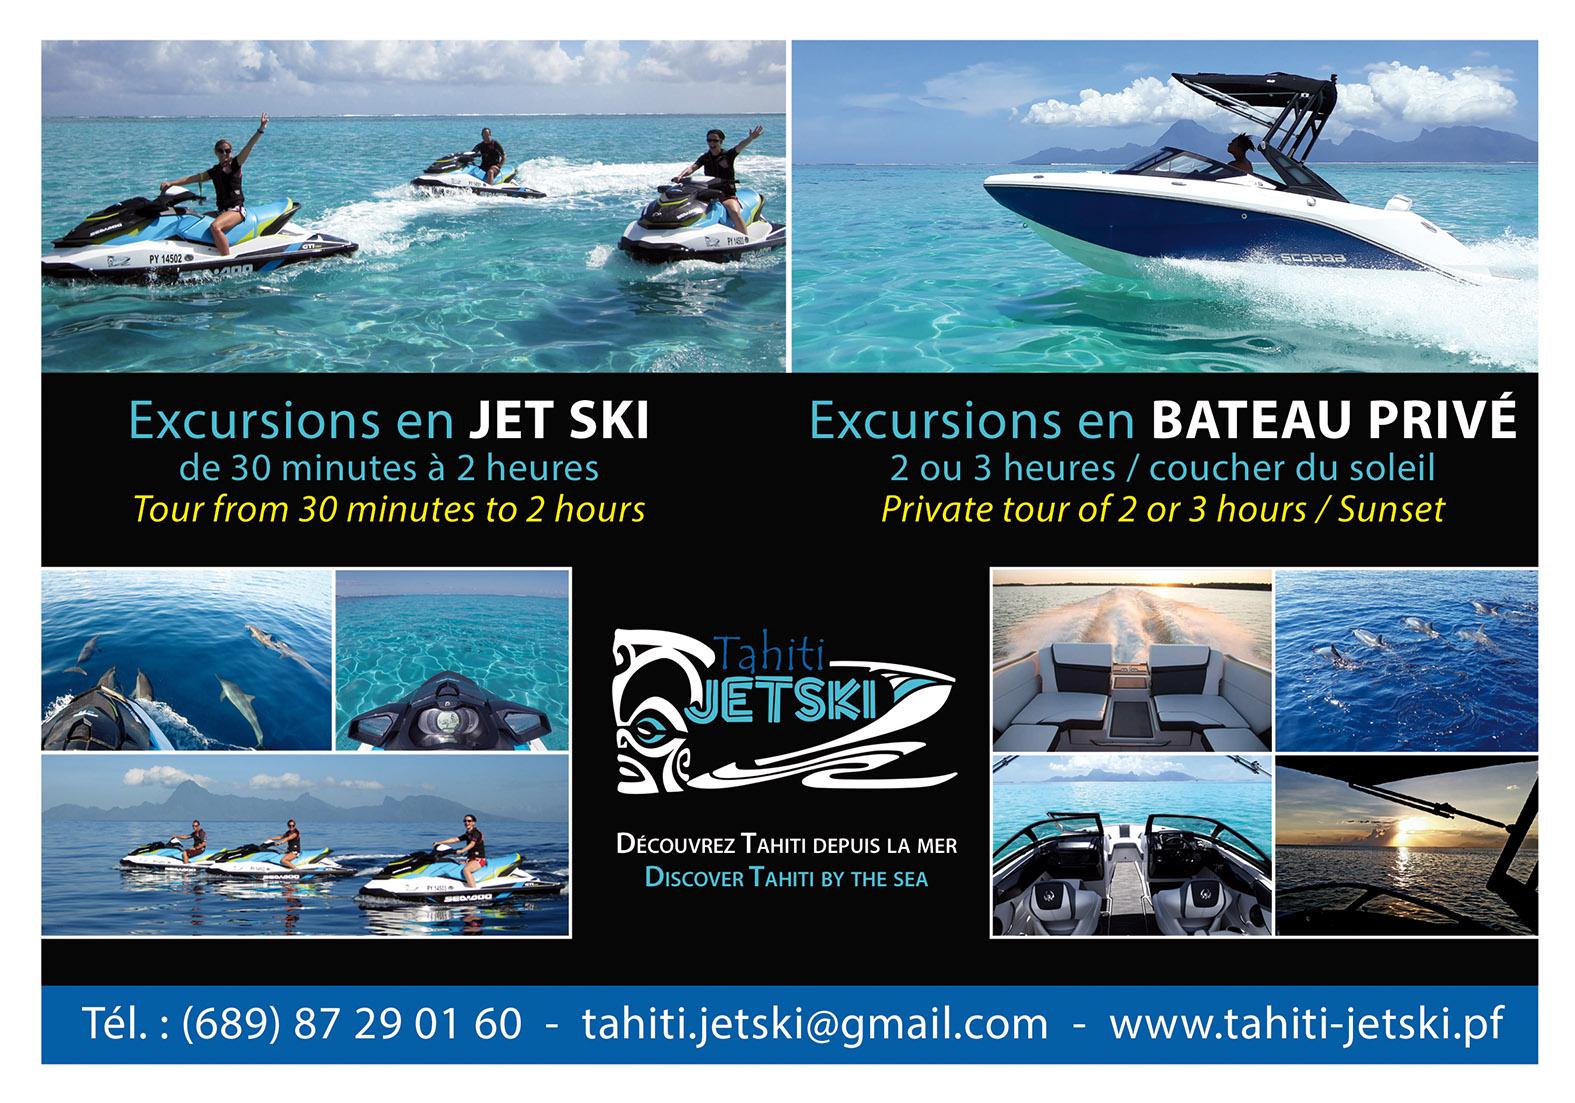 https://tahititourisme.mx/wp-content/uploads/2017/08/Tahiti-Jet-Ski-190x130-sept-2.jpg